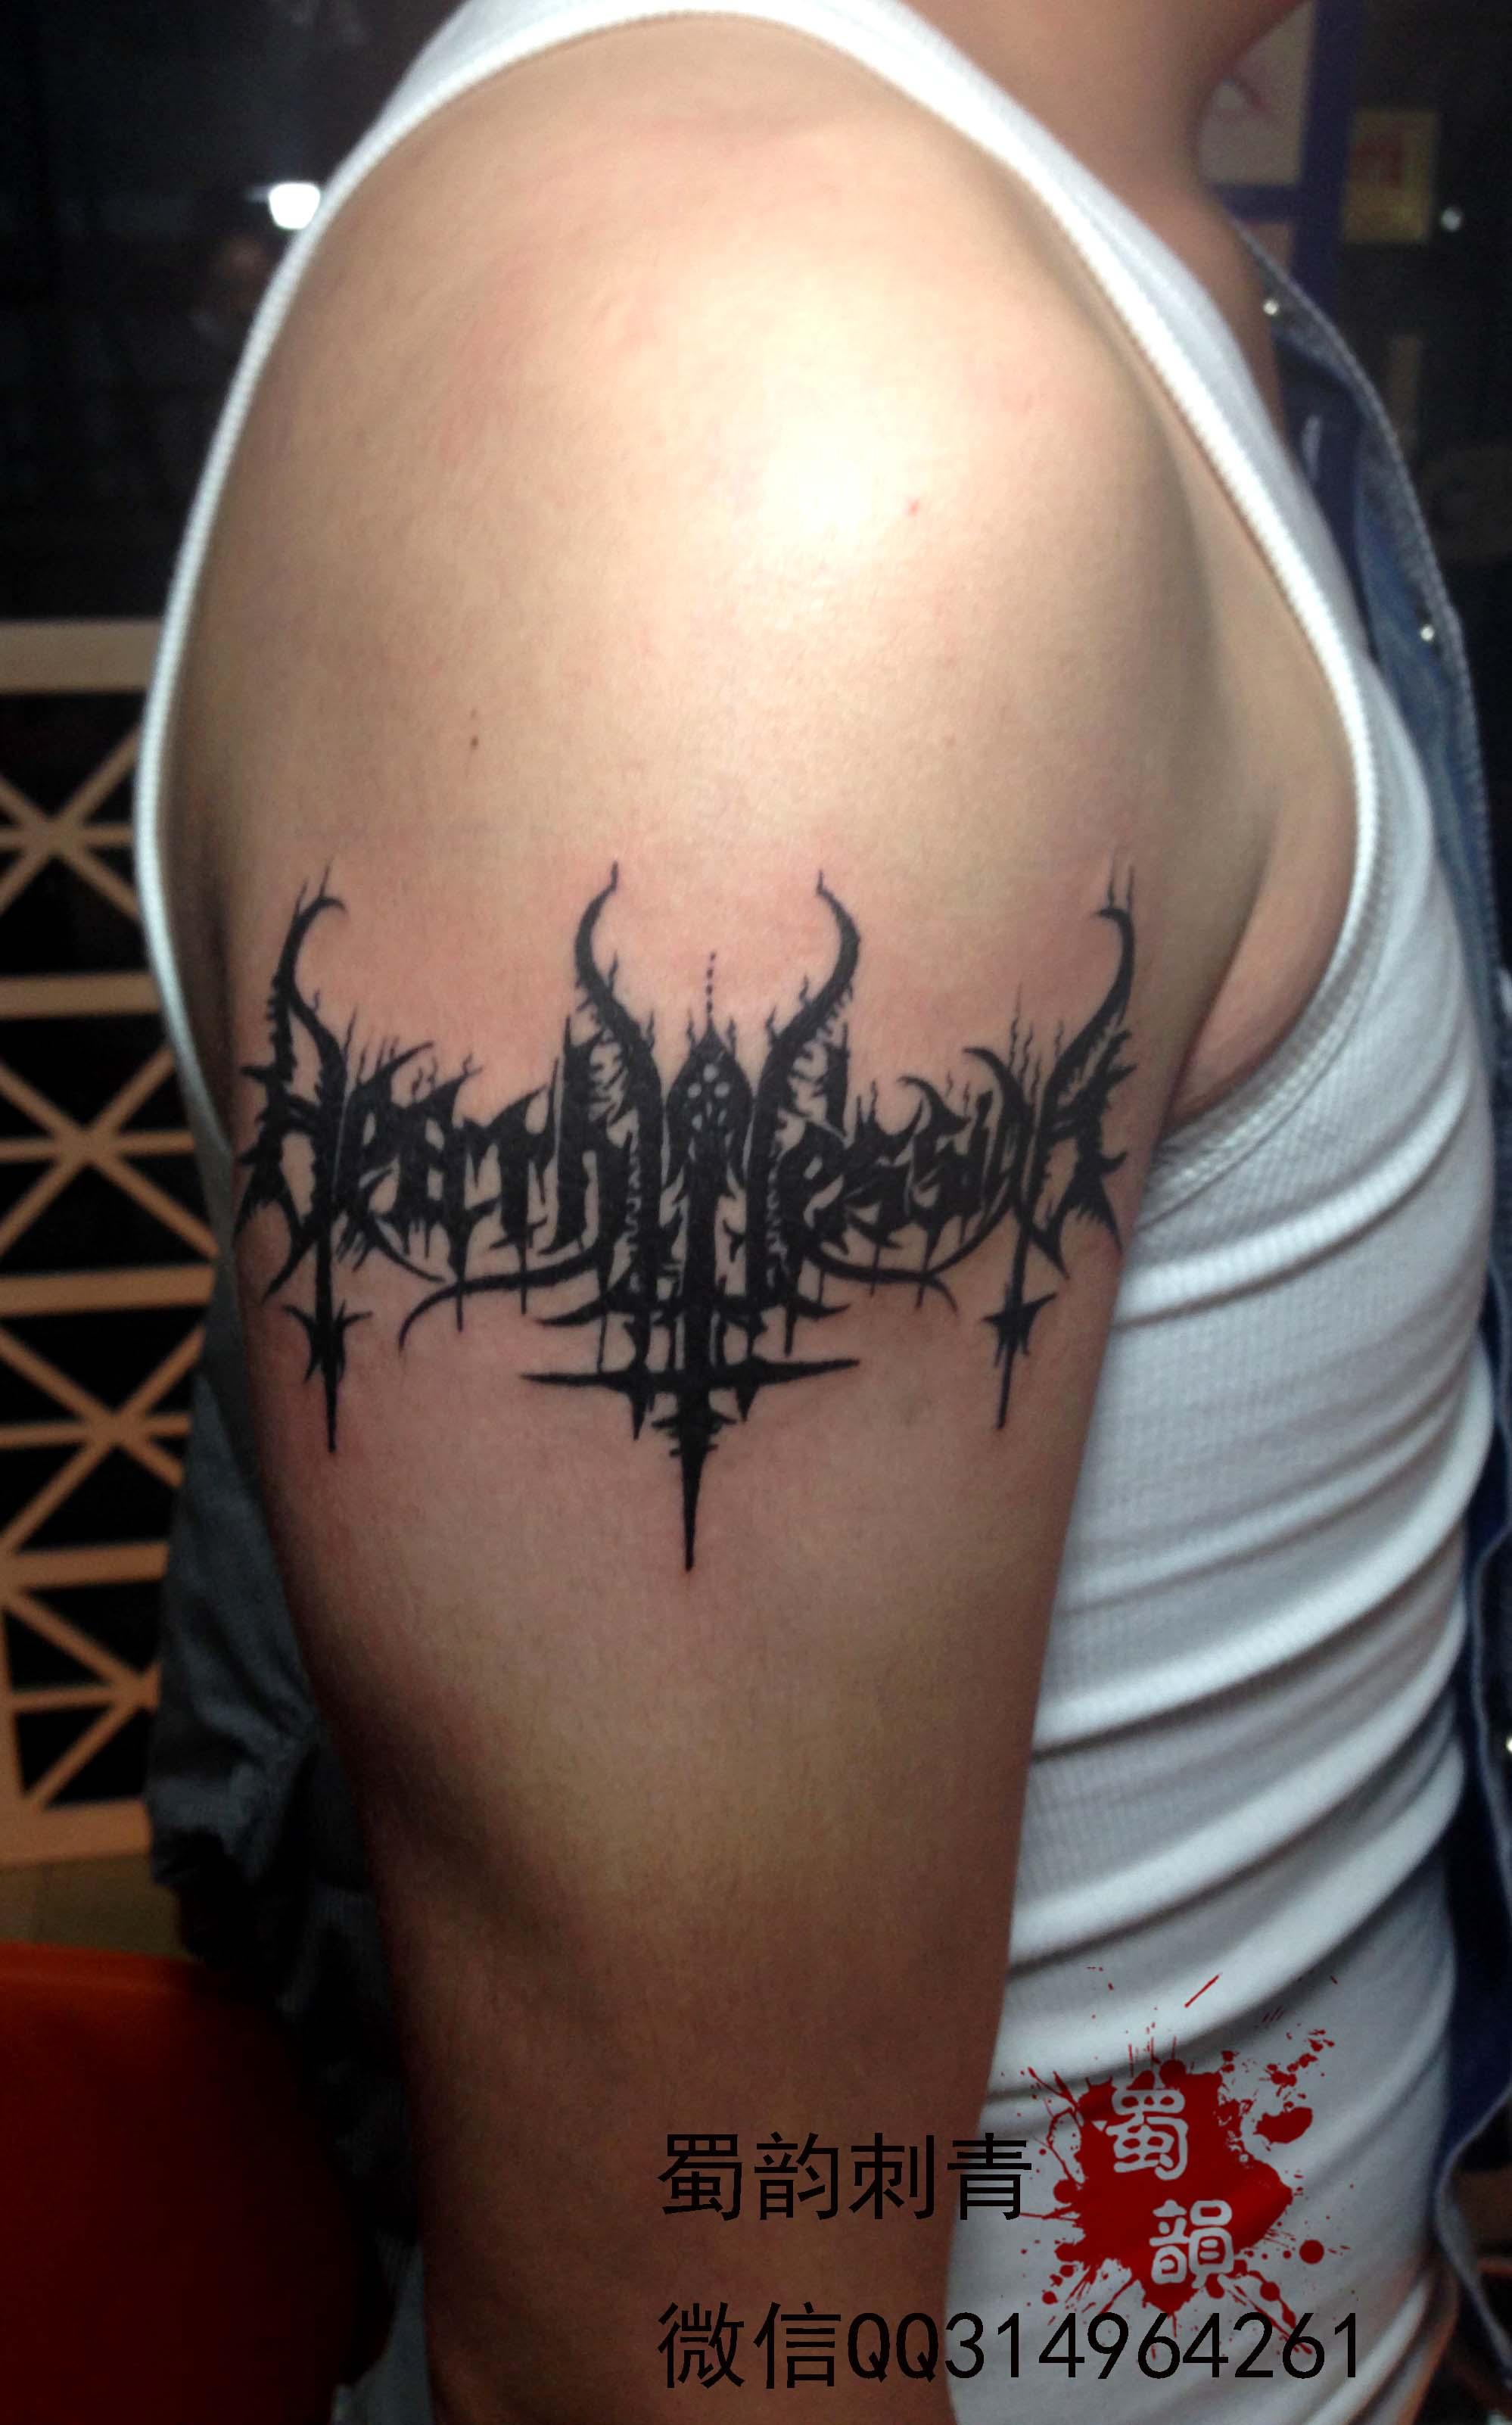 攀枝花纹身手臂纹身字母图腾纹身臂环纹身图片